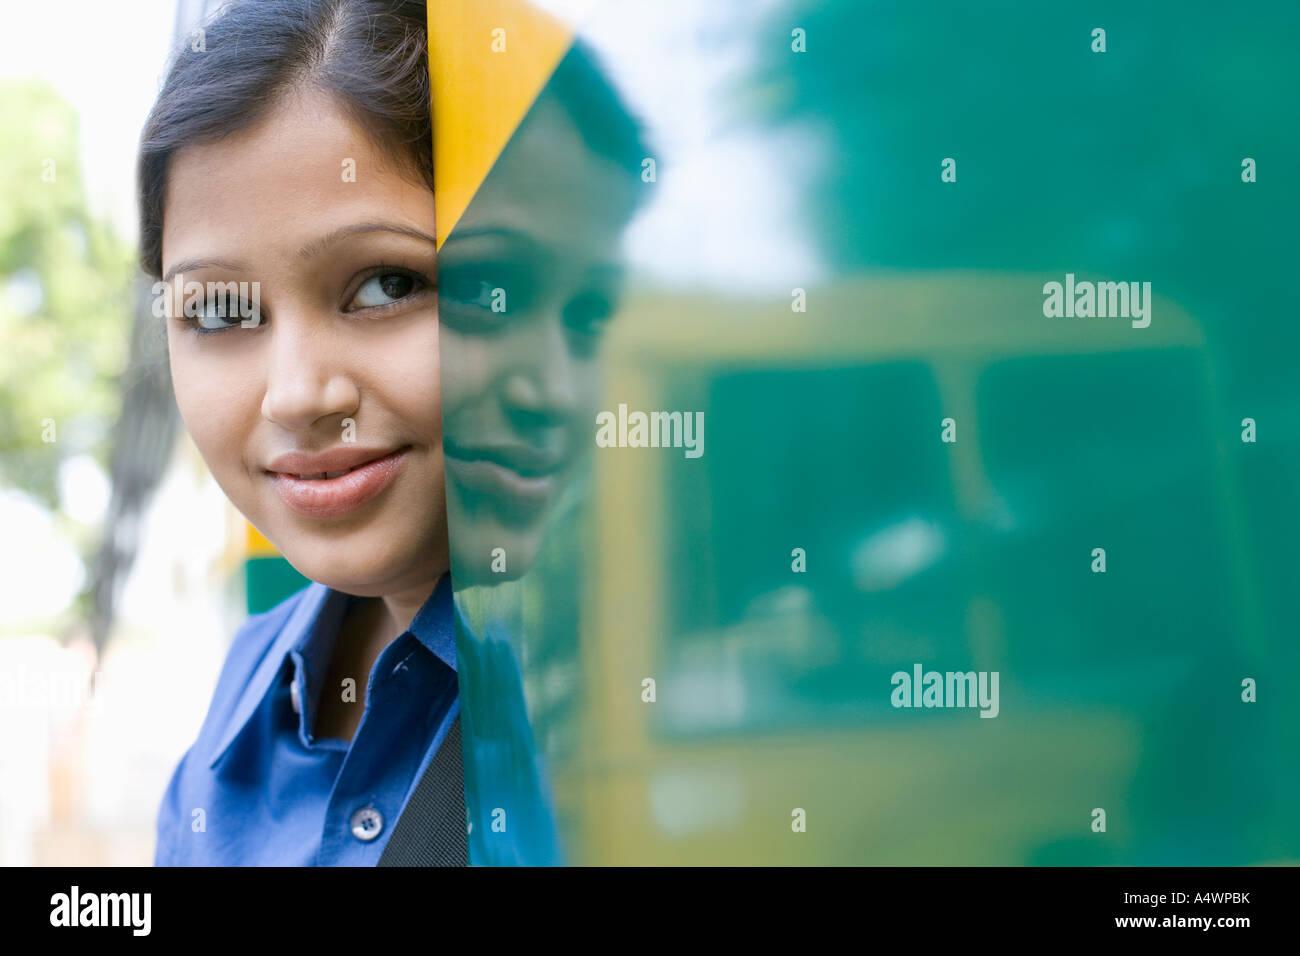 Estudiante de pie en la puerta del autobús escolar Imagen De Stock